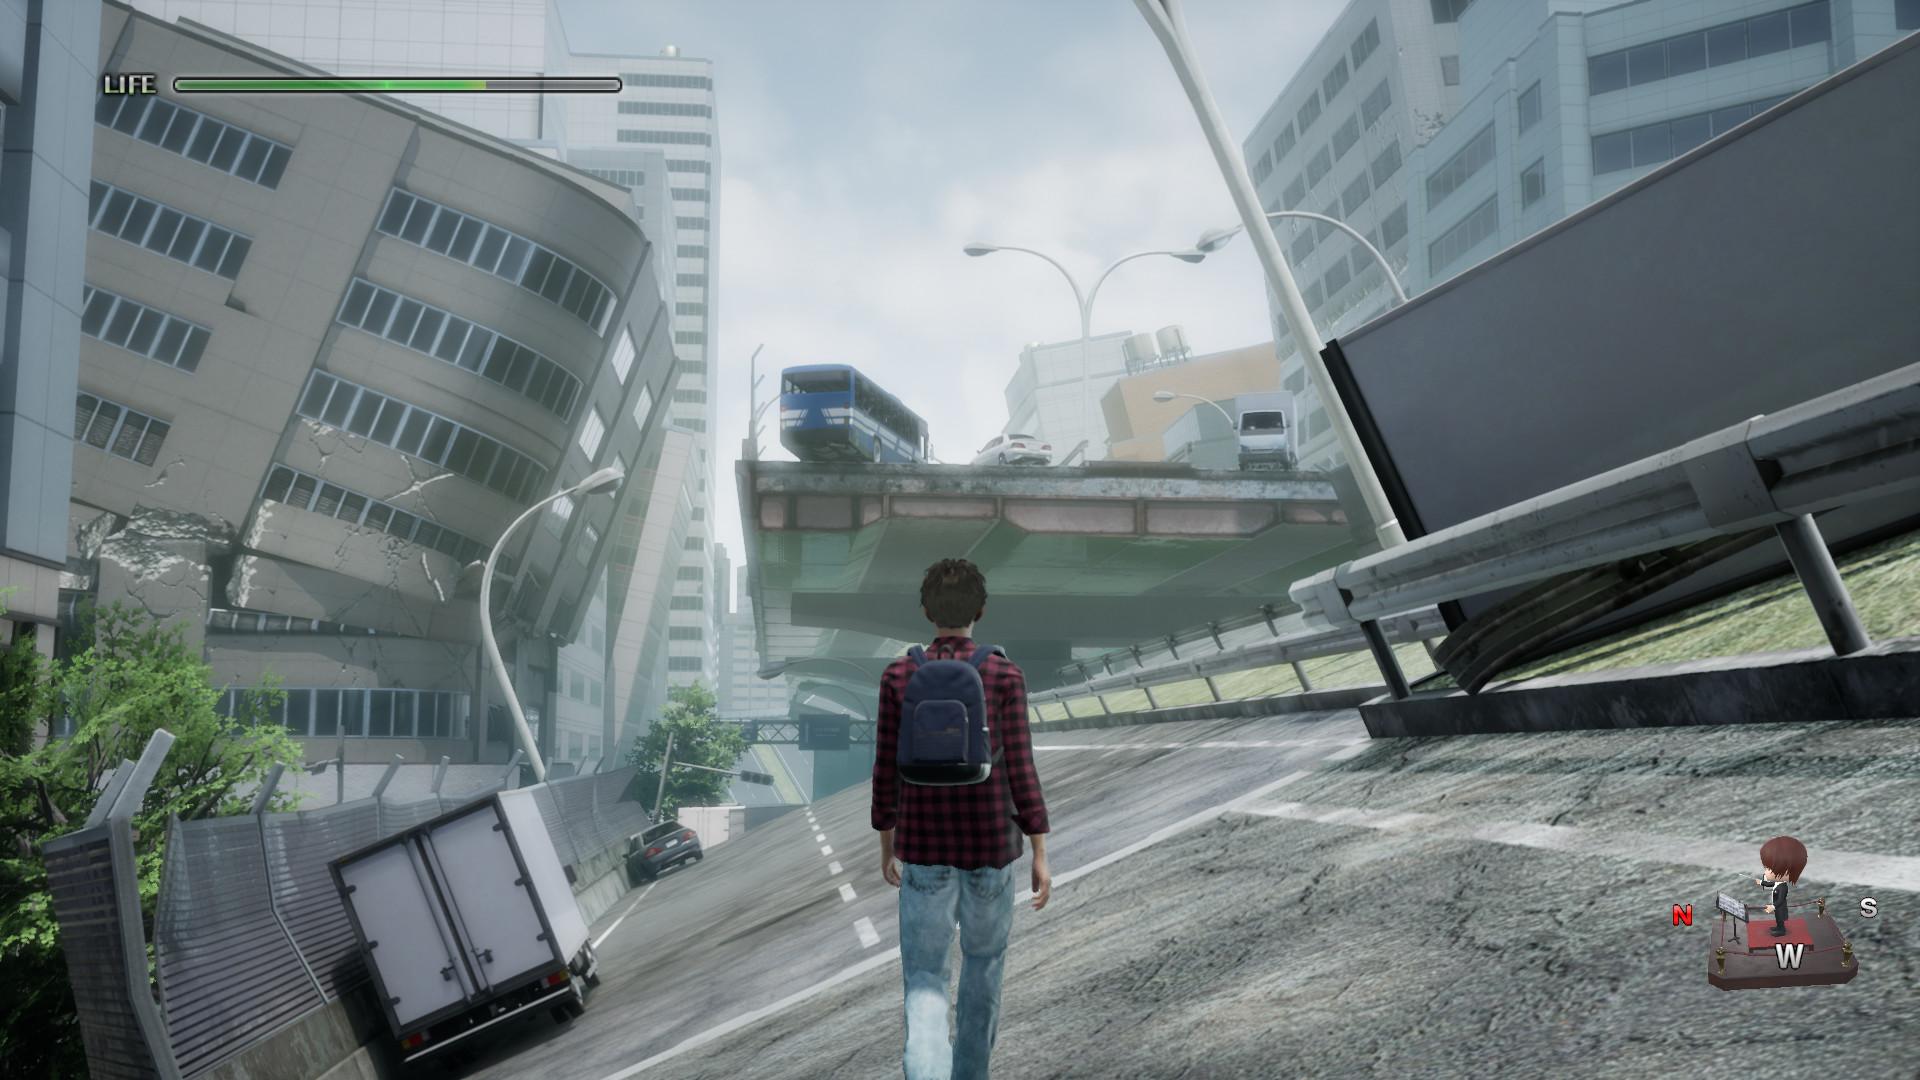 《絕體絕命都市4Plus:夏日記憶》Steam頁面上線 2020年初發售